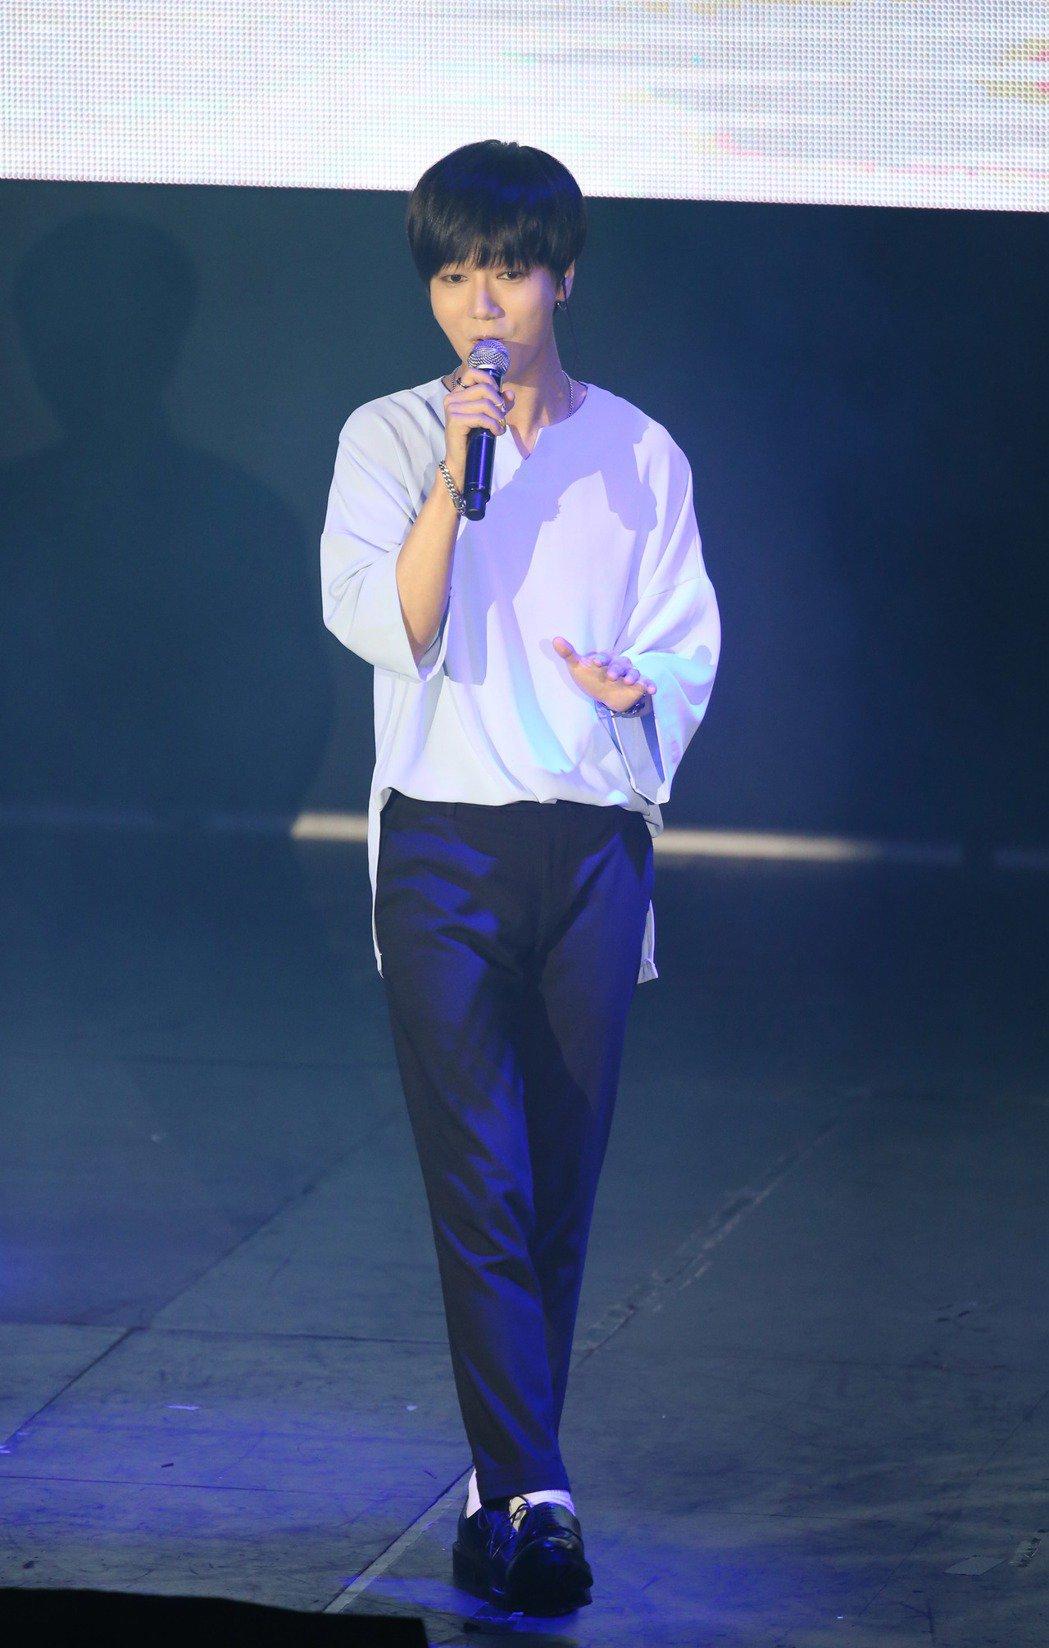 韓星「藝聲」來台舉辦見面會,與粉絲同樂。記者陳瑞源/攝影